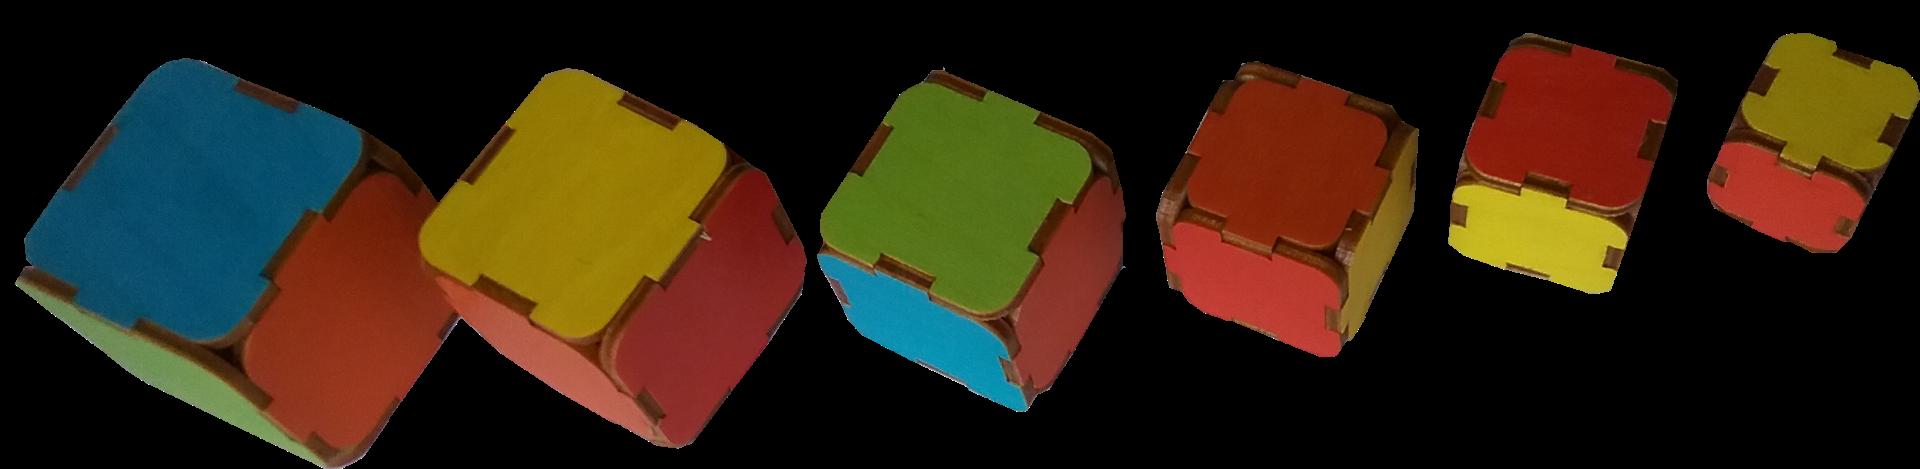 Sešu augoša izmēra, sešu dažādu krāsu kluču komplekts. Klucīšus pakratot ir  dzirdama dažāda augstuma skaņas (sākot ar dobju - zemu skaņu lielākajam līdz augstai, smalkai skaņai).  Iespējami sekojoši veicamie darbi: Grupēšana pēc kluču izmēra, salīdzināšana pēc lieluma.  Sešu dažādu krāsu (zaļš, sarkans, dzeltens, zils, oranžs, violets) iepazīšana un nodarbības ar tām, piemēram,  salikt kluču piramīdu tā lai redzamā mala katram klucim būtu vienādā vai atšķirīgās krāsās.  Fonemātiskās dzirdes attīstīšanas uzdevumi, piemēram, pēc dzirdes noteikt kluču skaņas augstumu, salīdzināt to un sagrupēt klučus pēc izmēra atbilstoši to skanējumam.